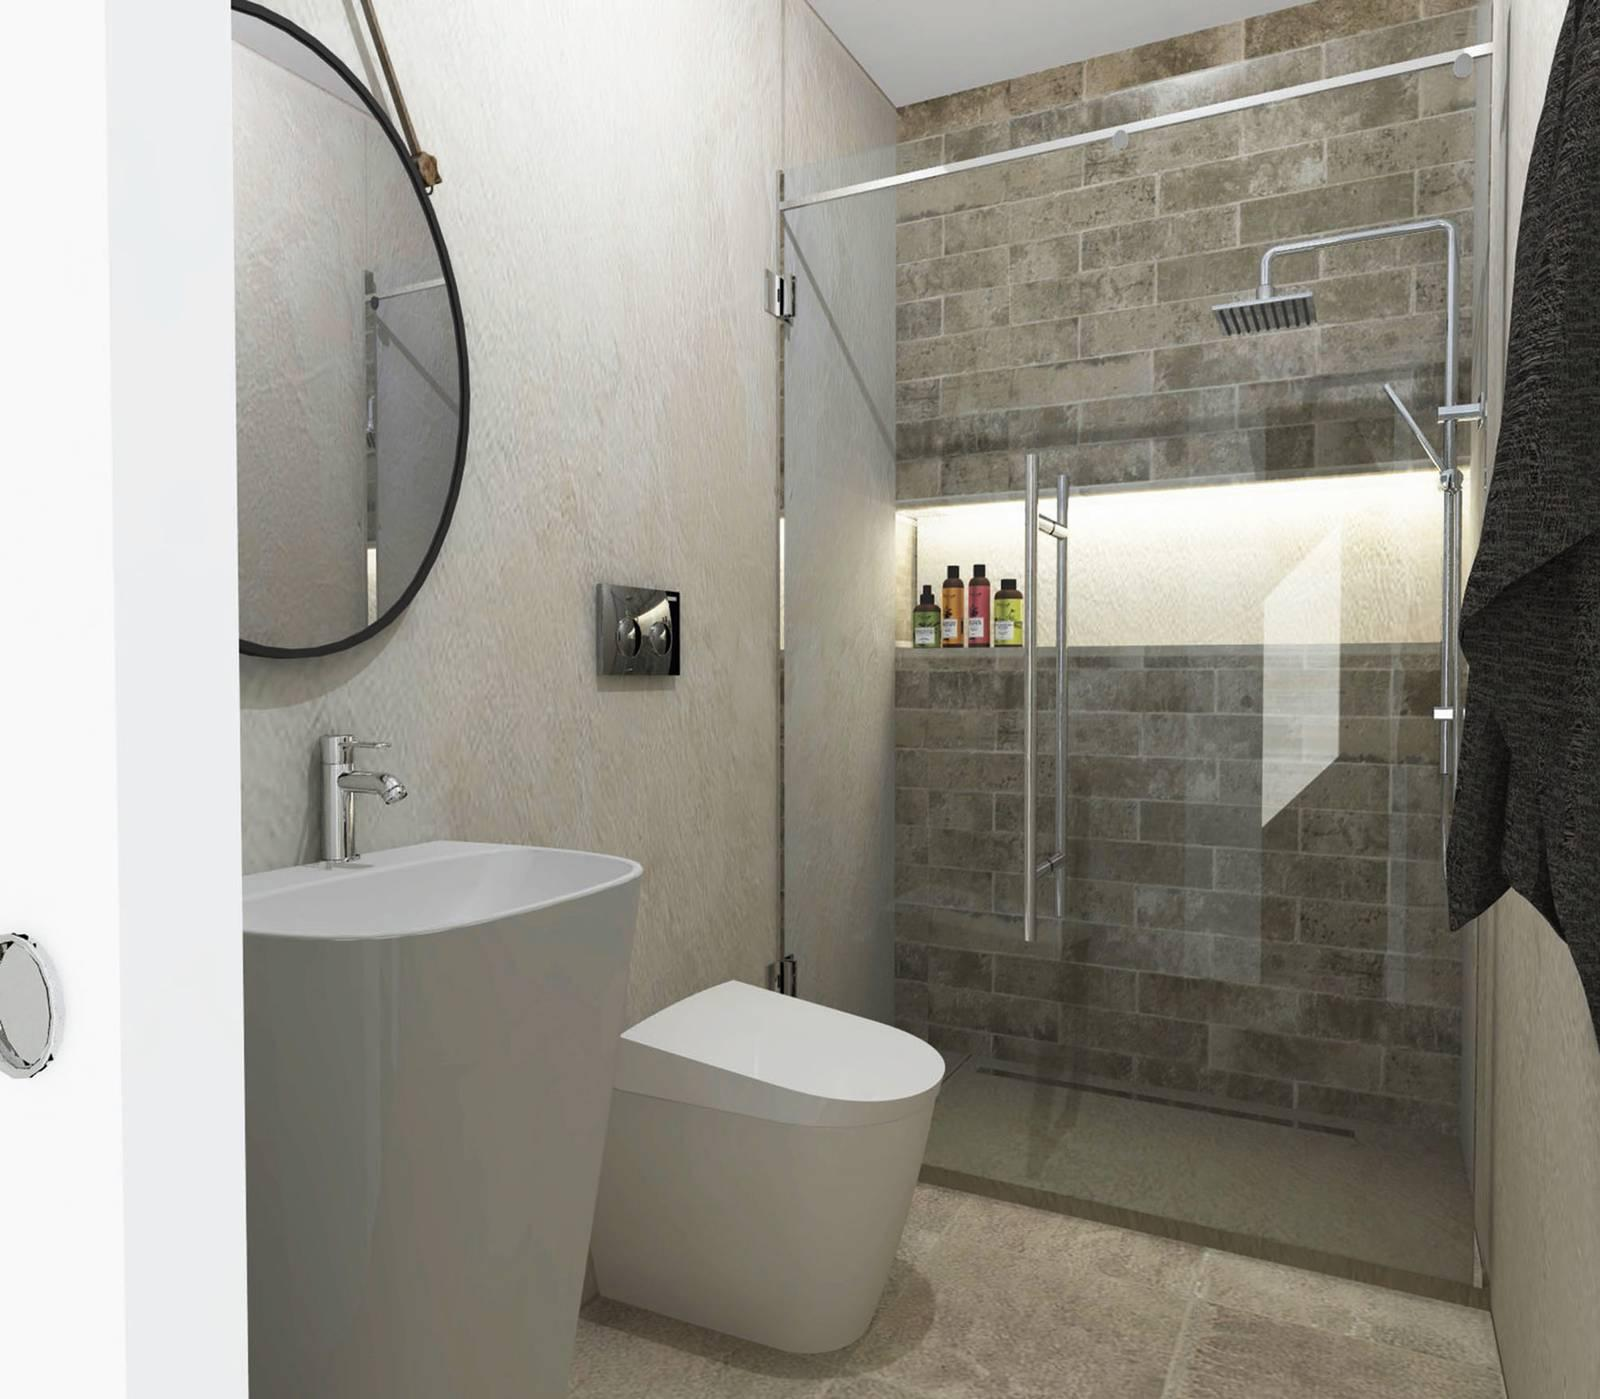 Ristrutturazione Completa Casa Costi lavori in casa: ristrutturare il bagno. mini, con maxi